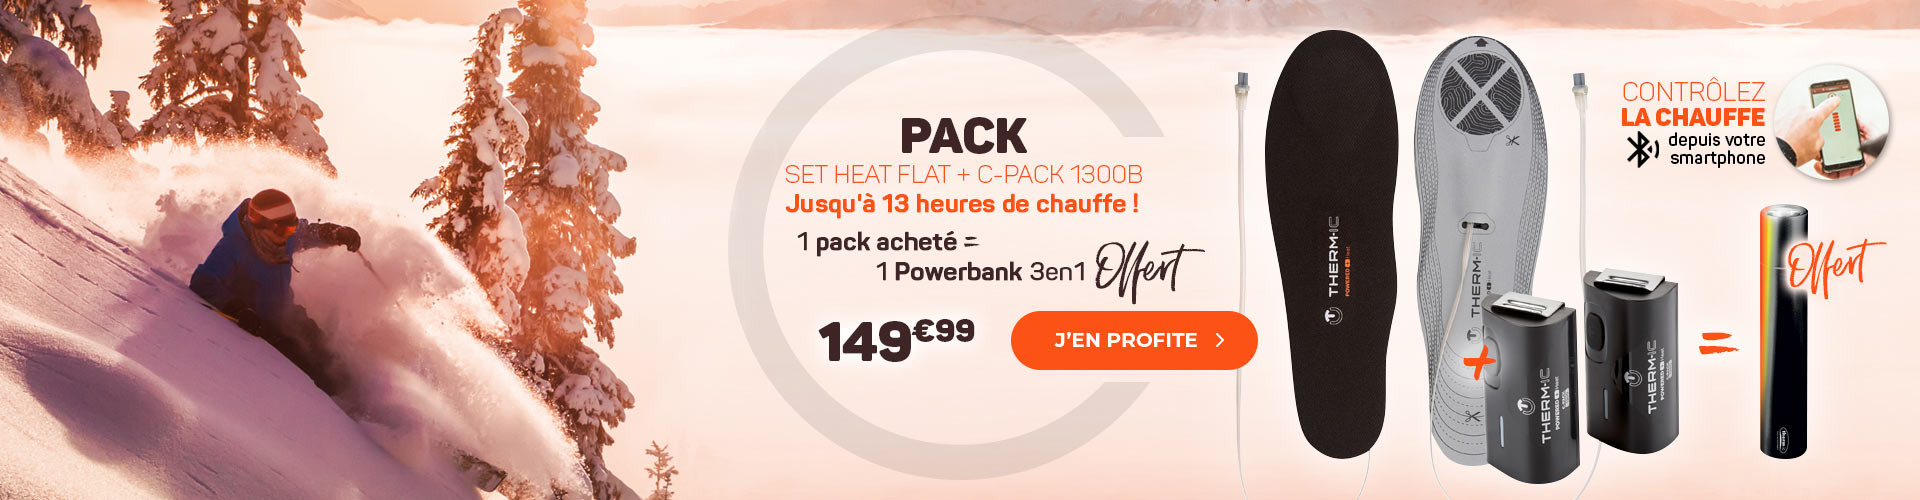 Pour l'achat d'un Set Heat Flat + 1300B, une batteries externe 3en1 offerte !